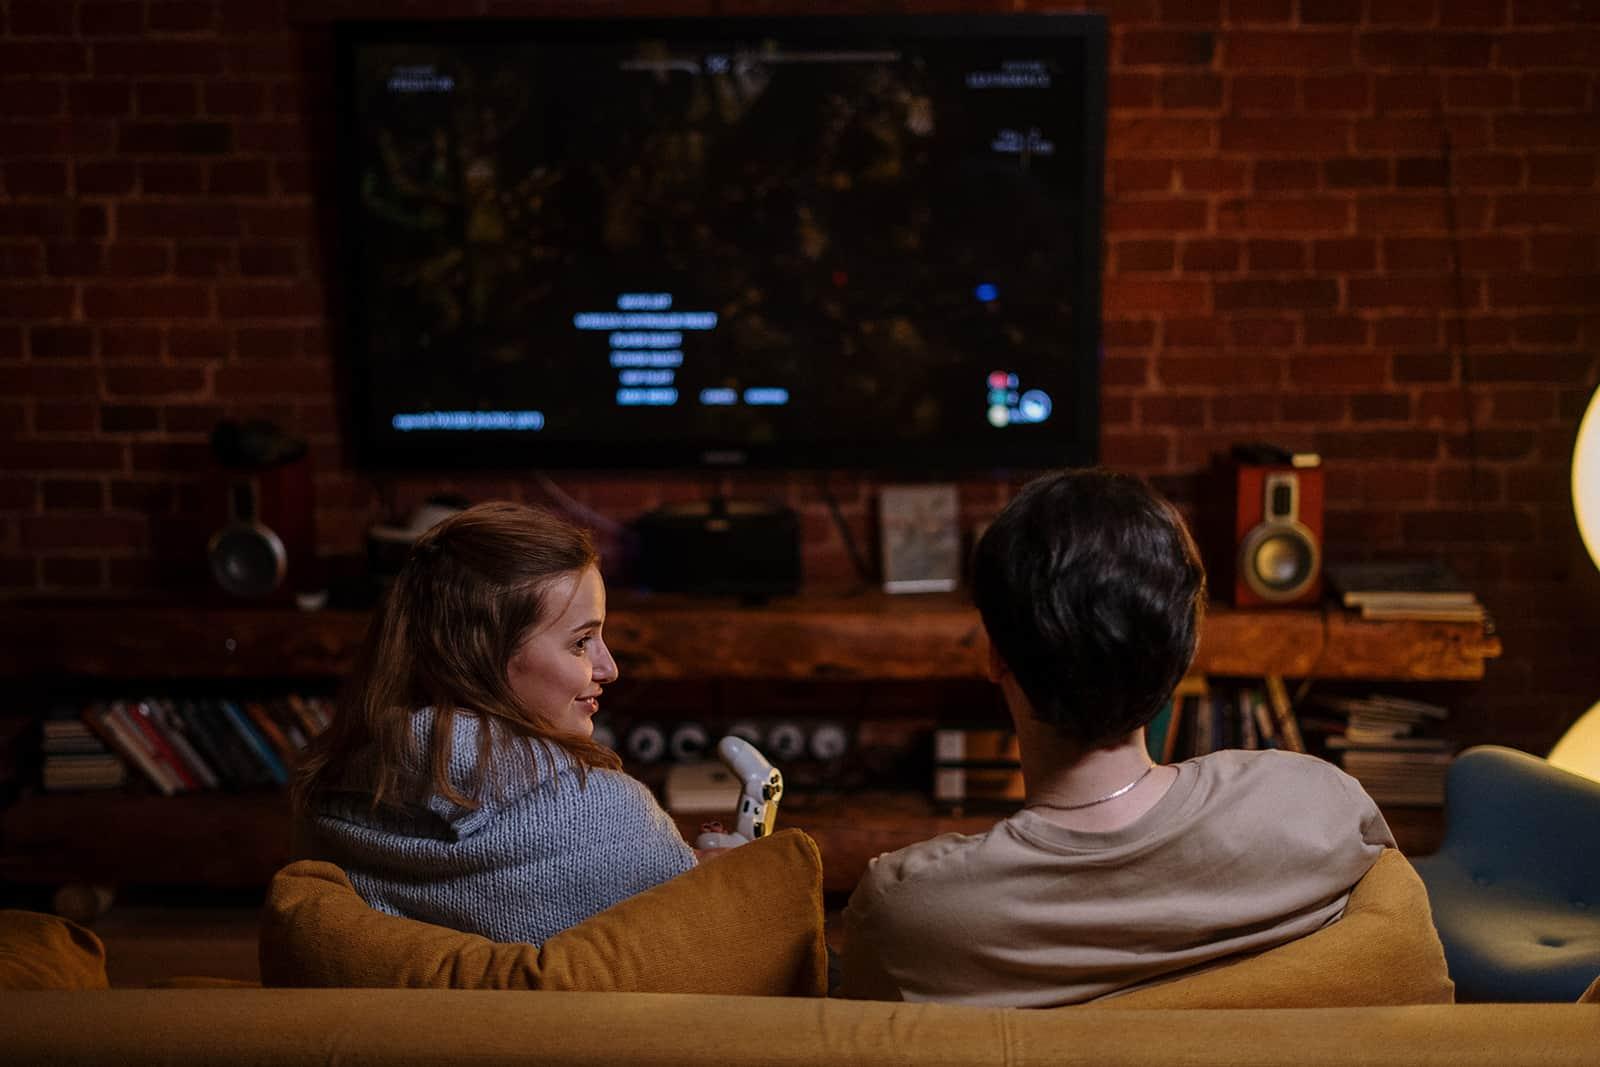 Ein Mann und eine Frau spielen das Spiel auf der PlayStation und sitzen auf der Couch